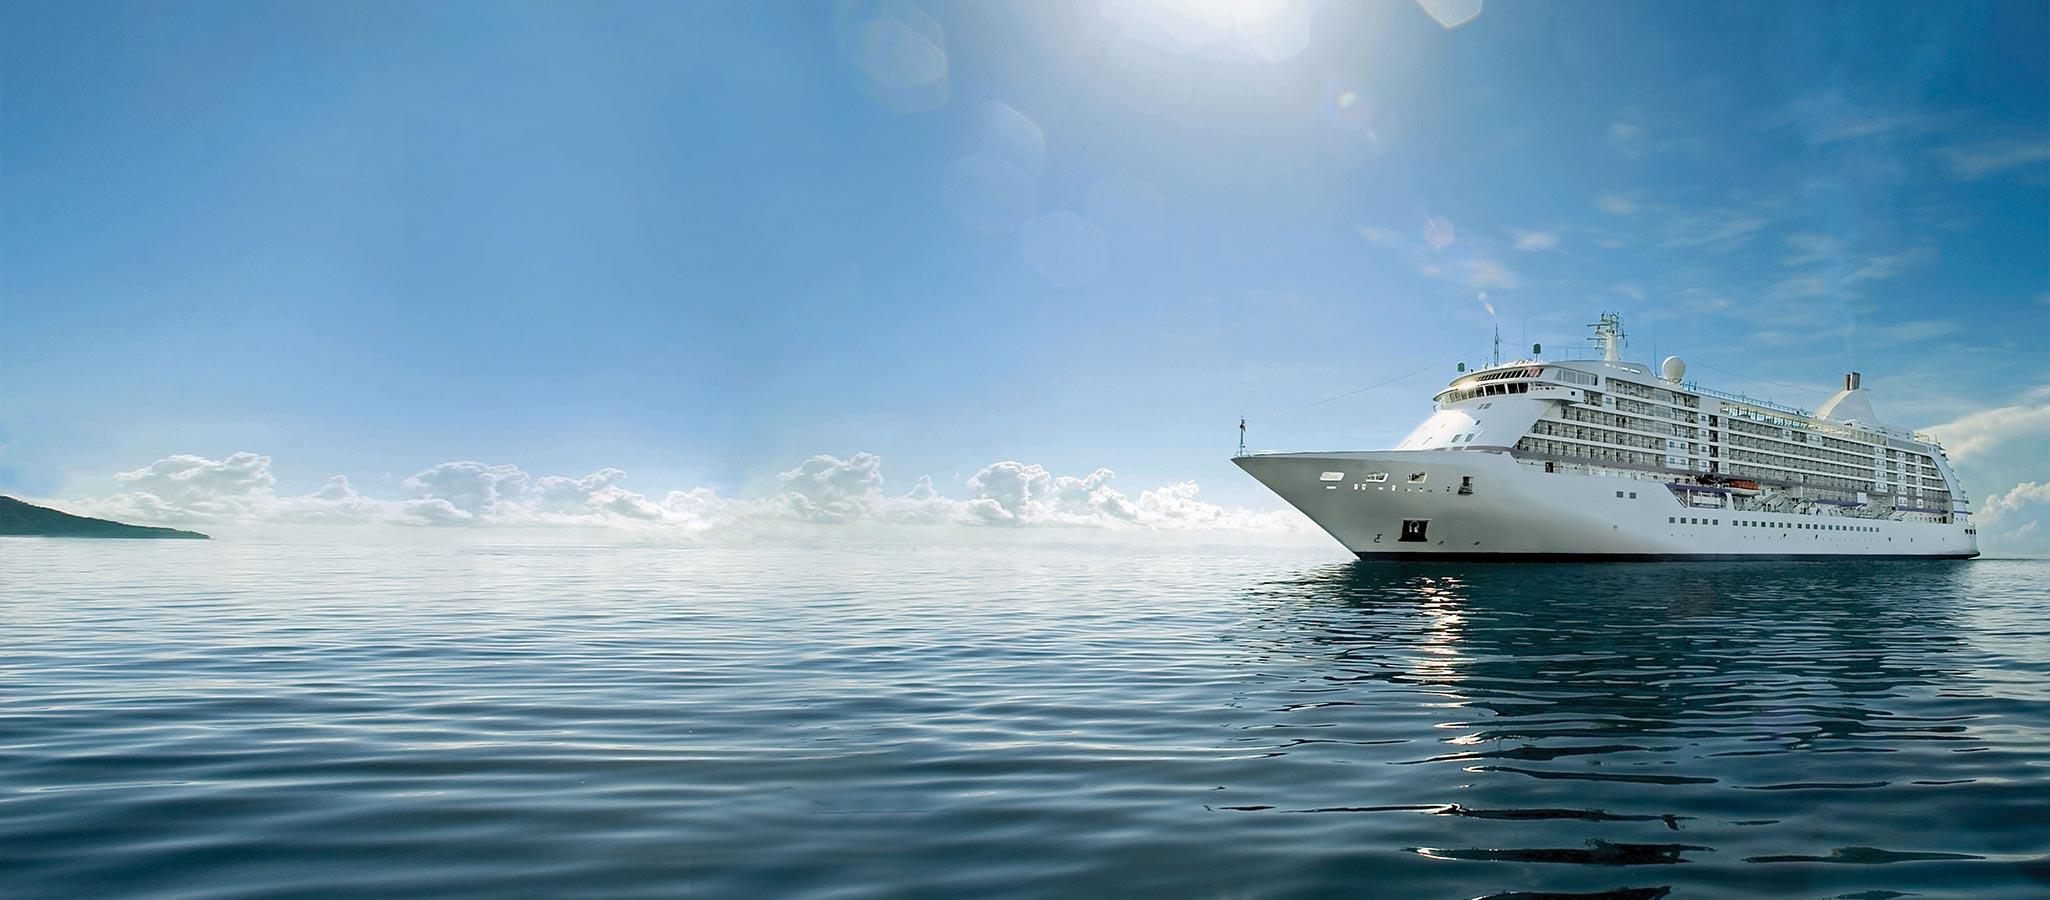 Die Kategorie der Kreuzfahrtschiffe bis 700 Passagiere bietet überwiegend Schiffe im 5-Sterne-Segment.